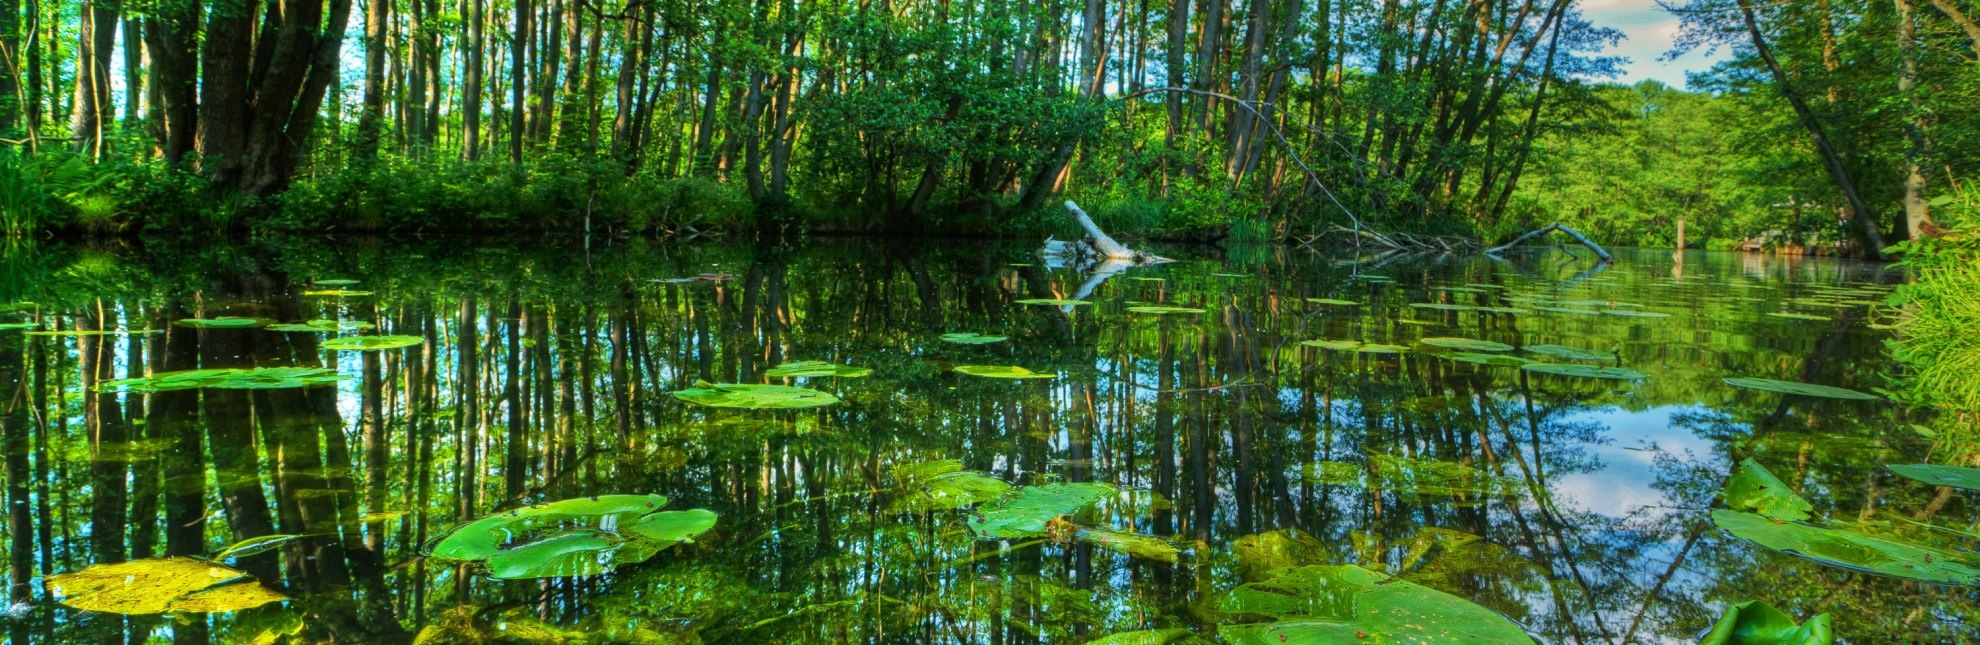 """Die Wakenitz - der """"Amazonas des Nordens"""", © Thomas Ebelt / HLMS GmbH"""